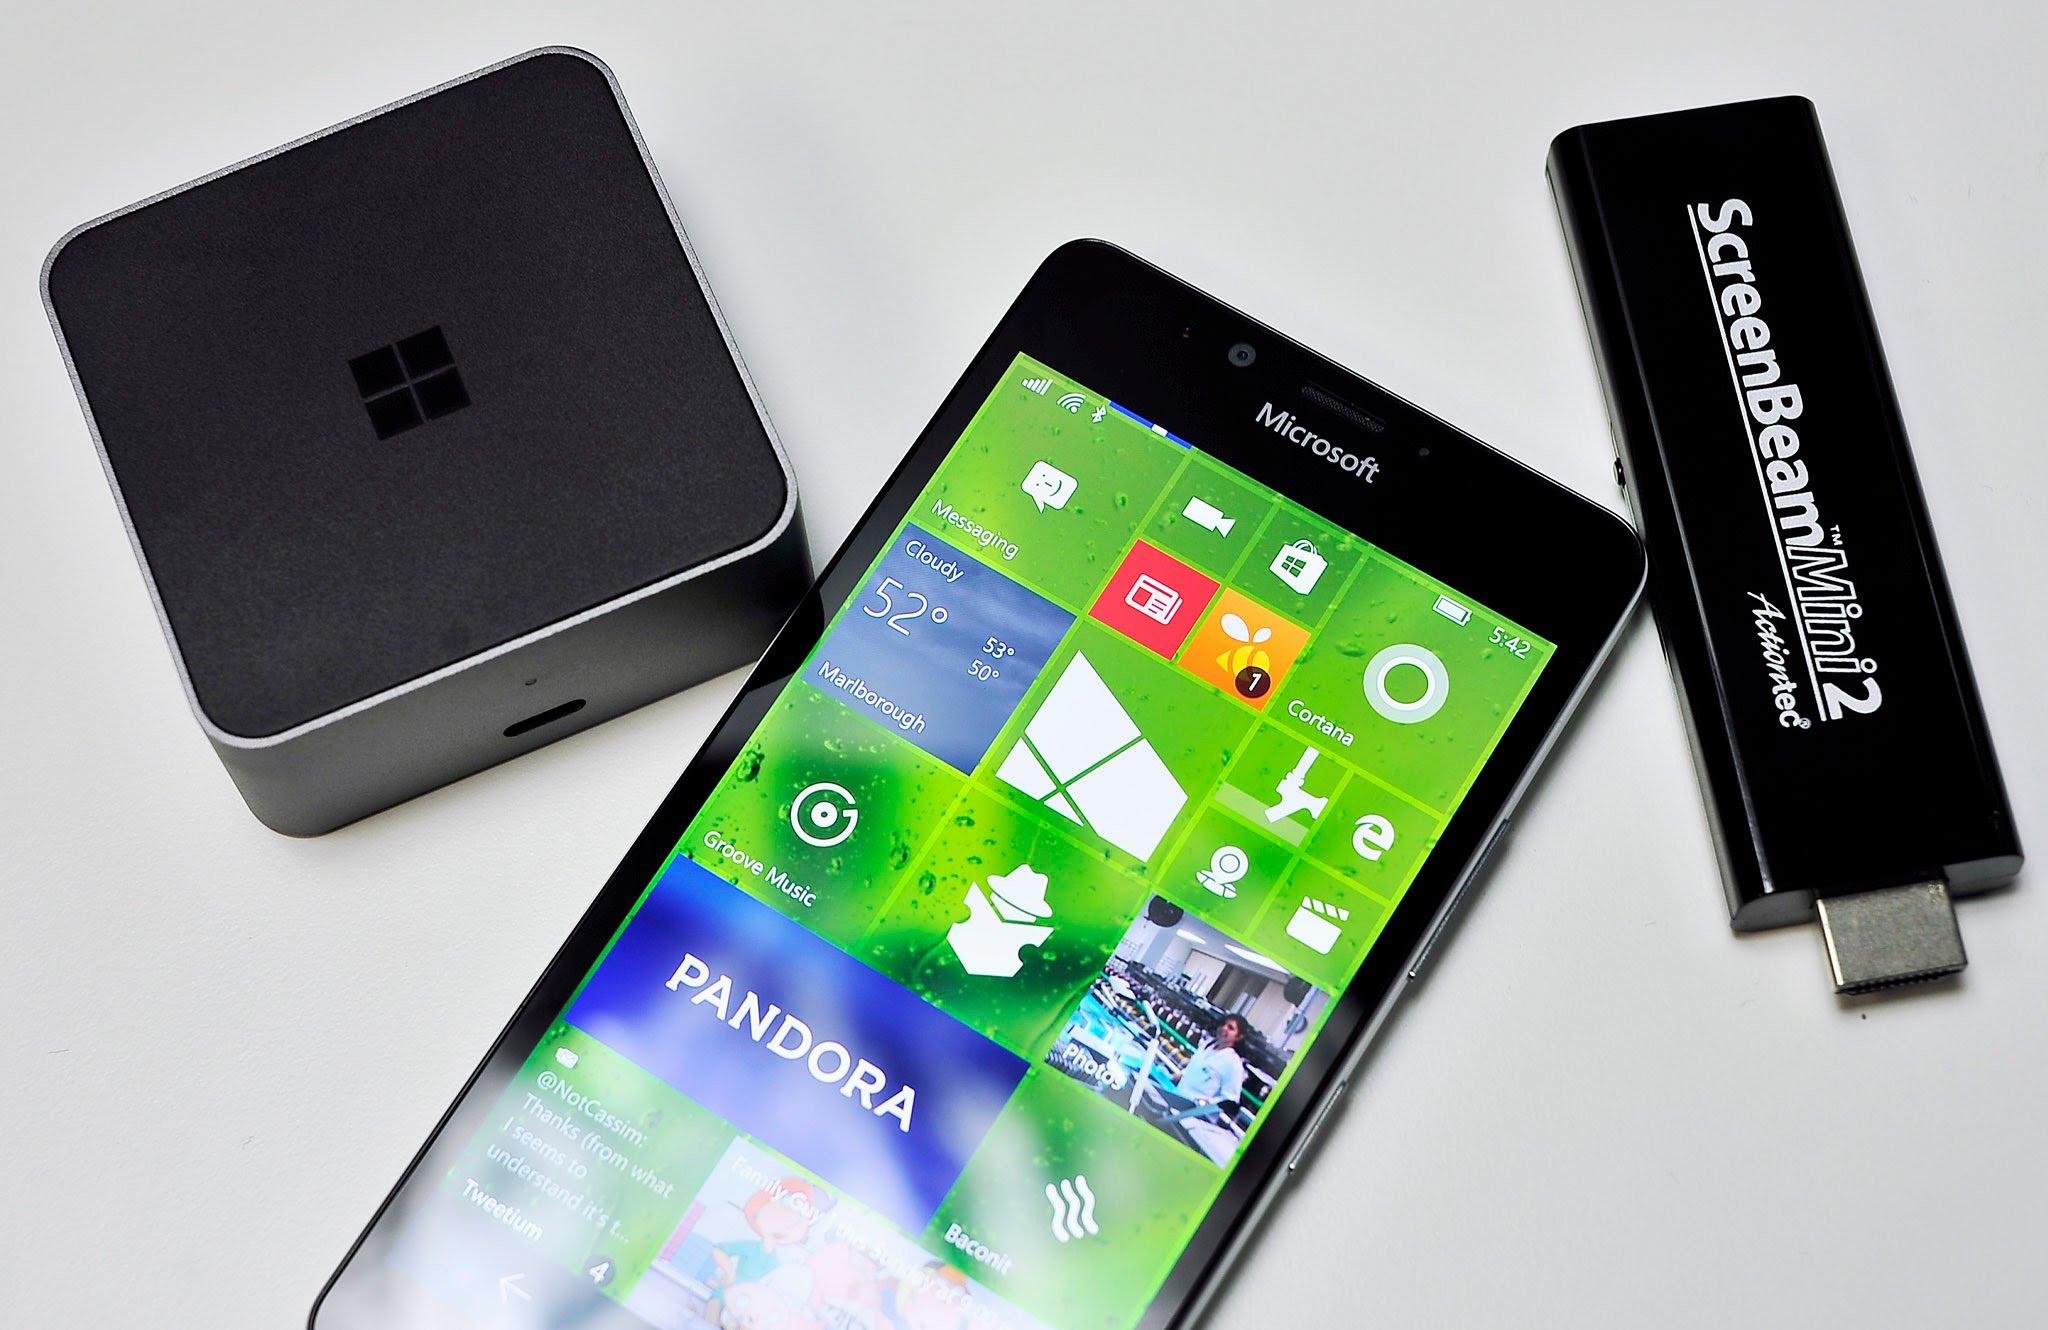 Lumia Continuum